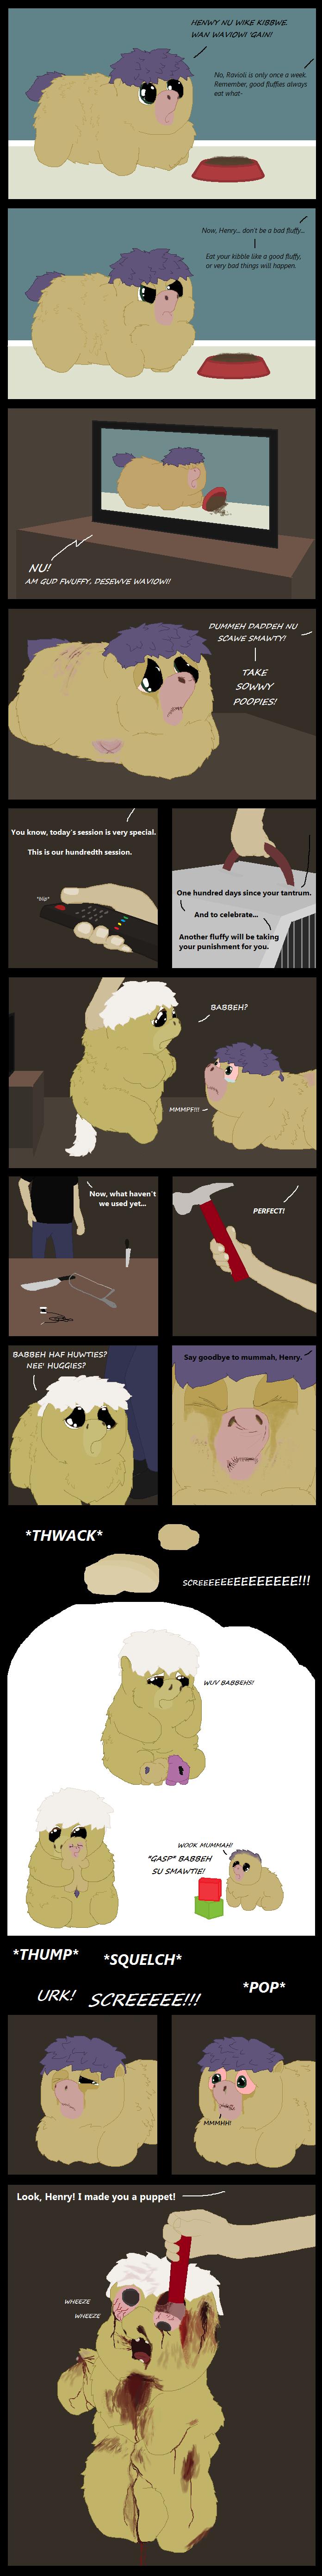 Fluffy Pony Experiments Wwwmiifotoscom